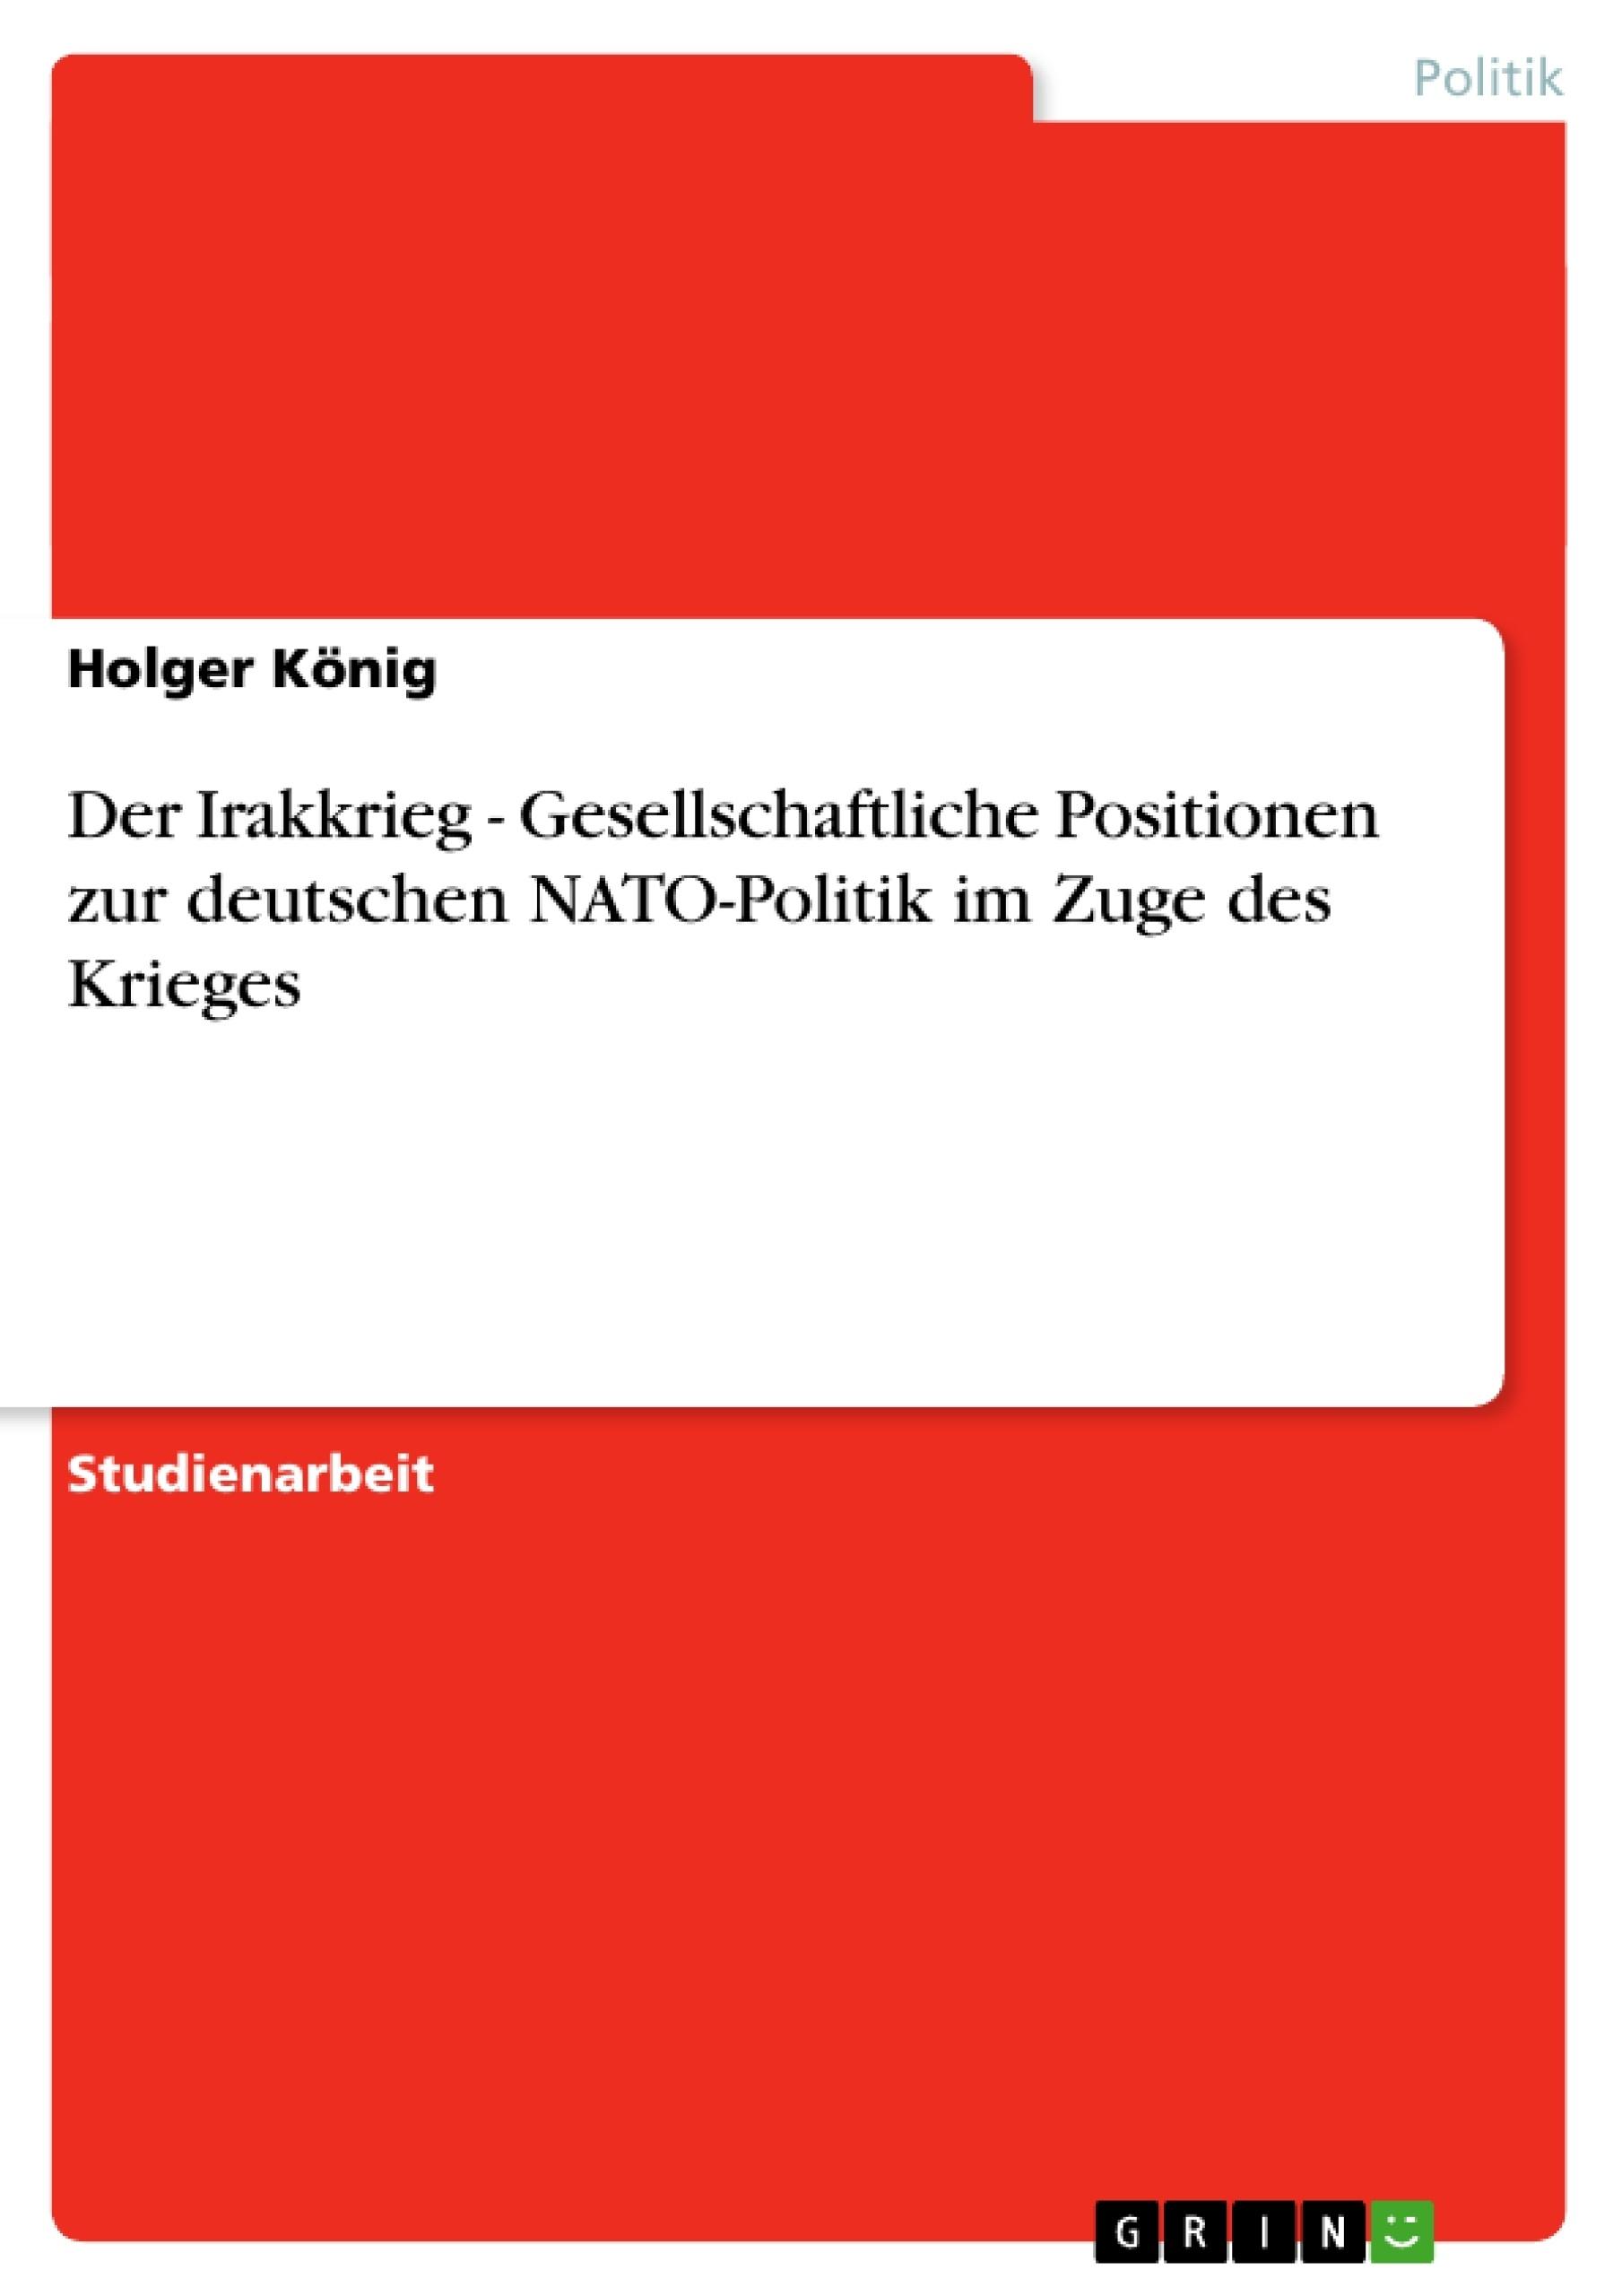 Titel: Der Irakkrieg - Gesellschaftliche Positionen zur deutschen NATO-Politik im Zuge des Krieges